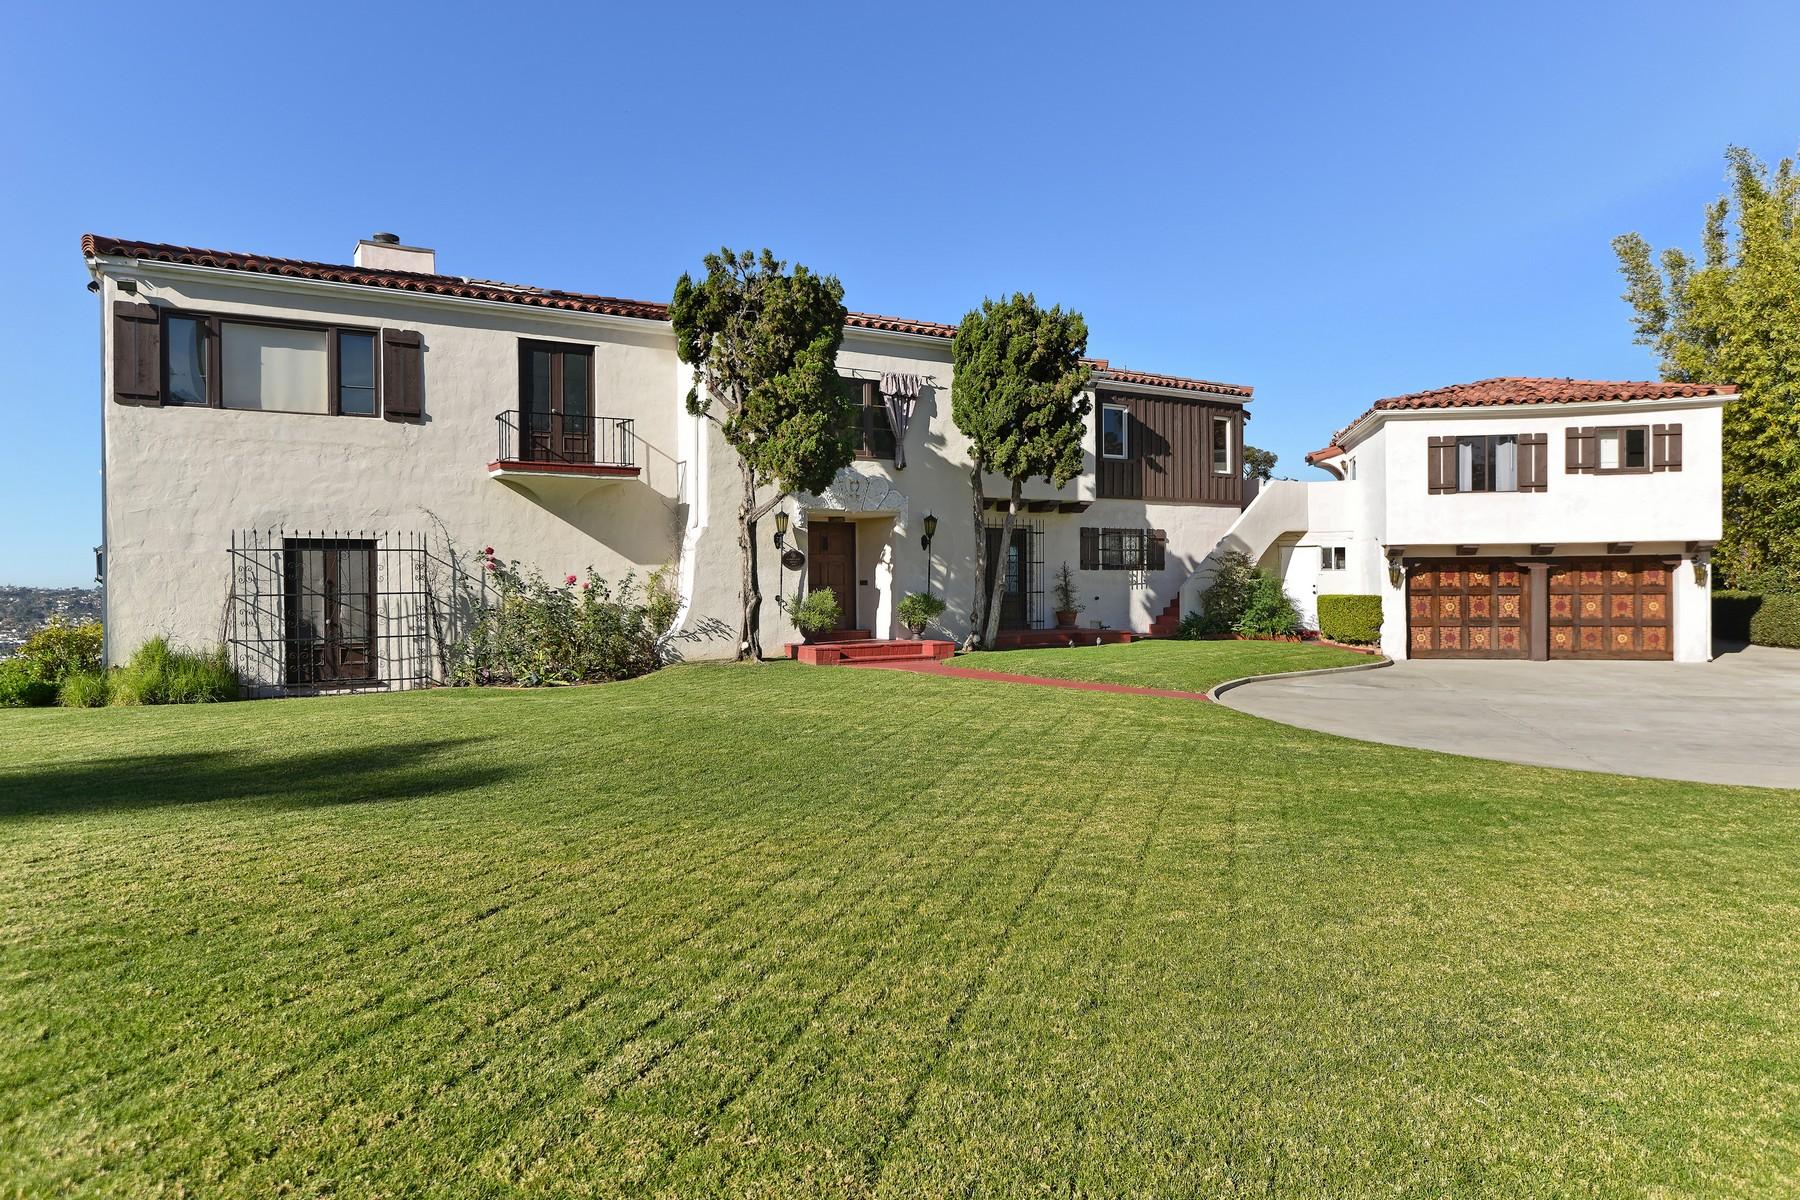 独户住宅 为 销售 在 2335 Juan 圣地亚哥, 加利福尼亚州 92103 美国